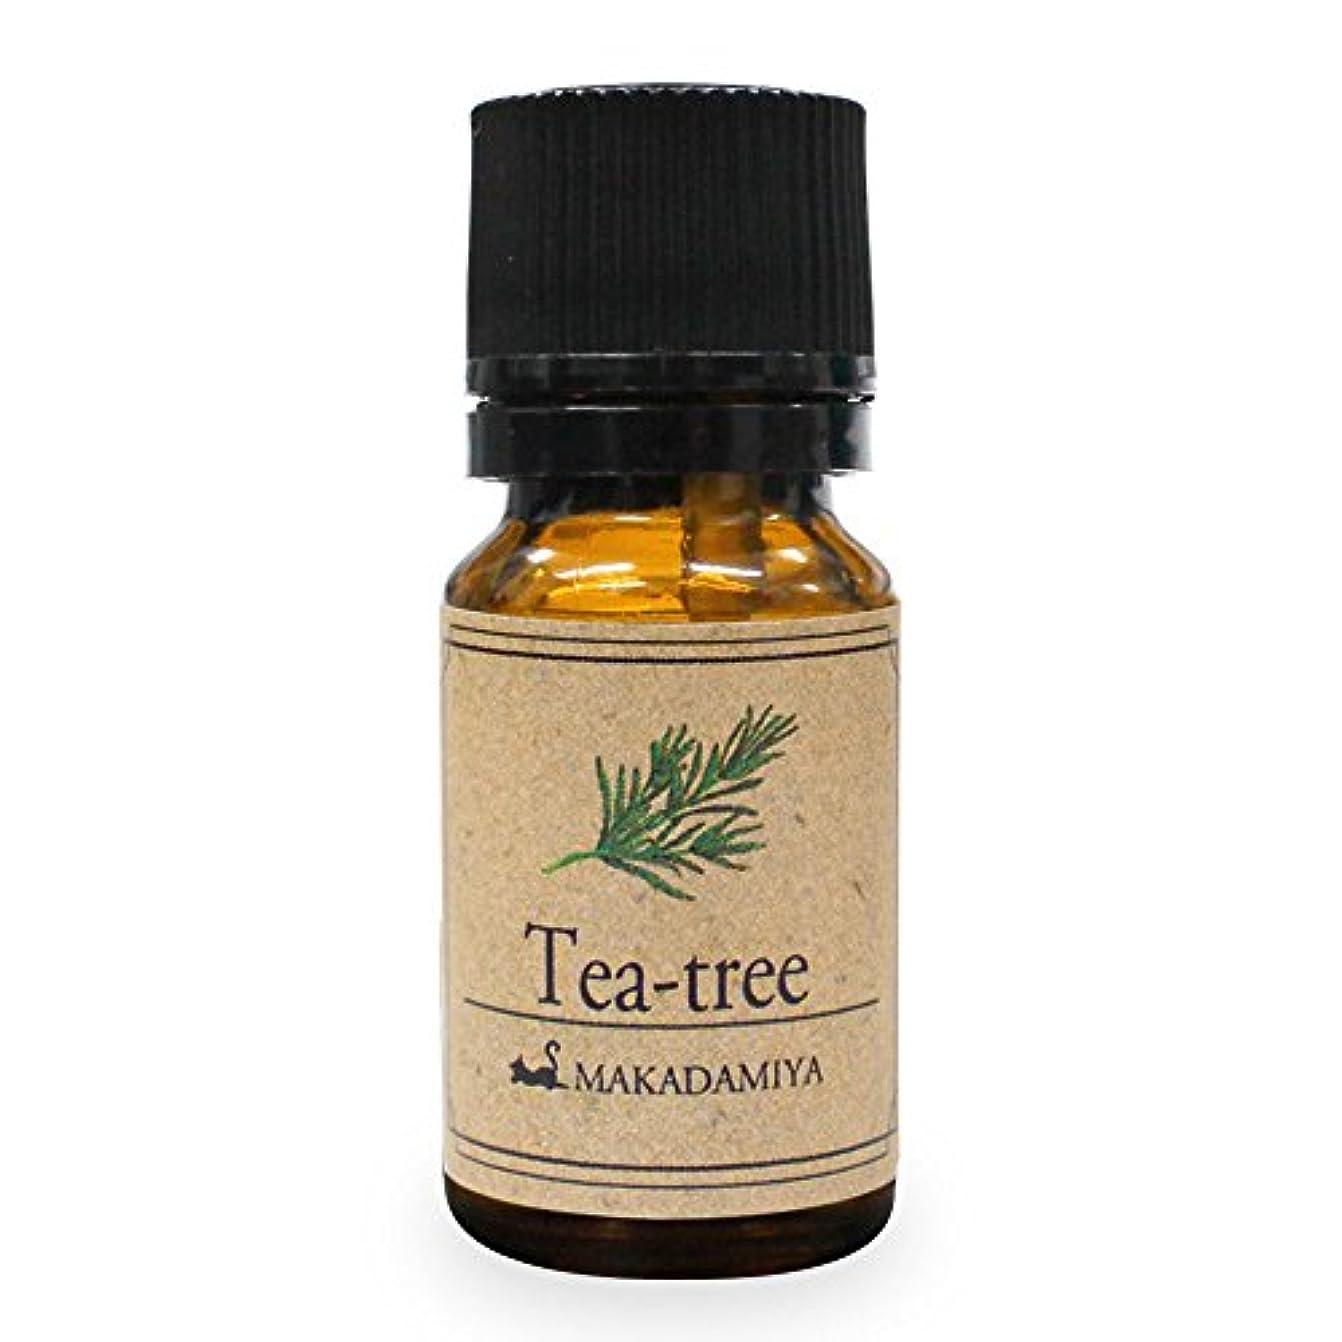 ワゴン変装した読者ティーツリー10ml 天然100%植物性 エッセンシャルオイル(精油) アロマオイル アロママッサージ aroma Tea-tree